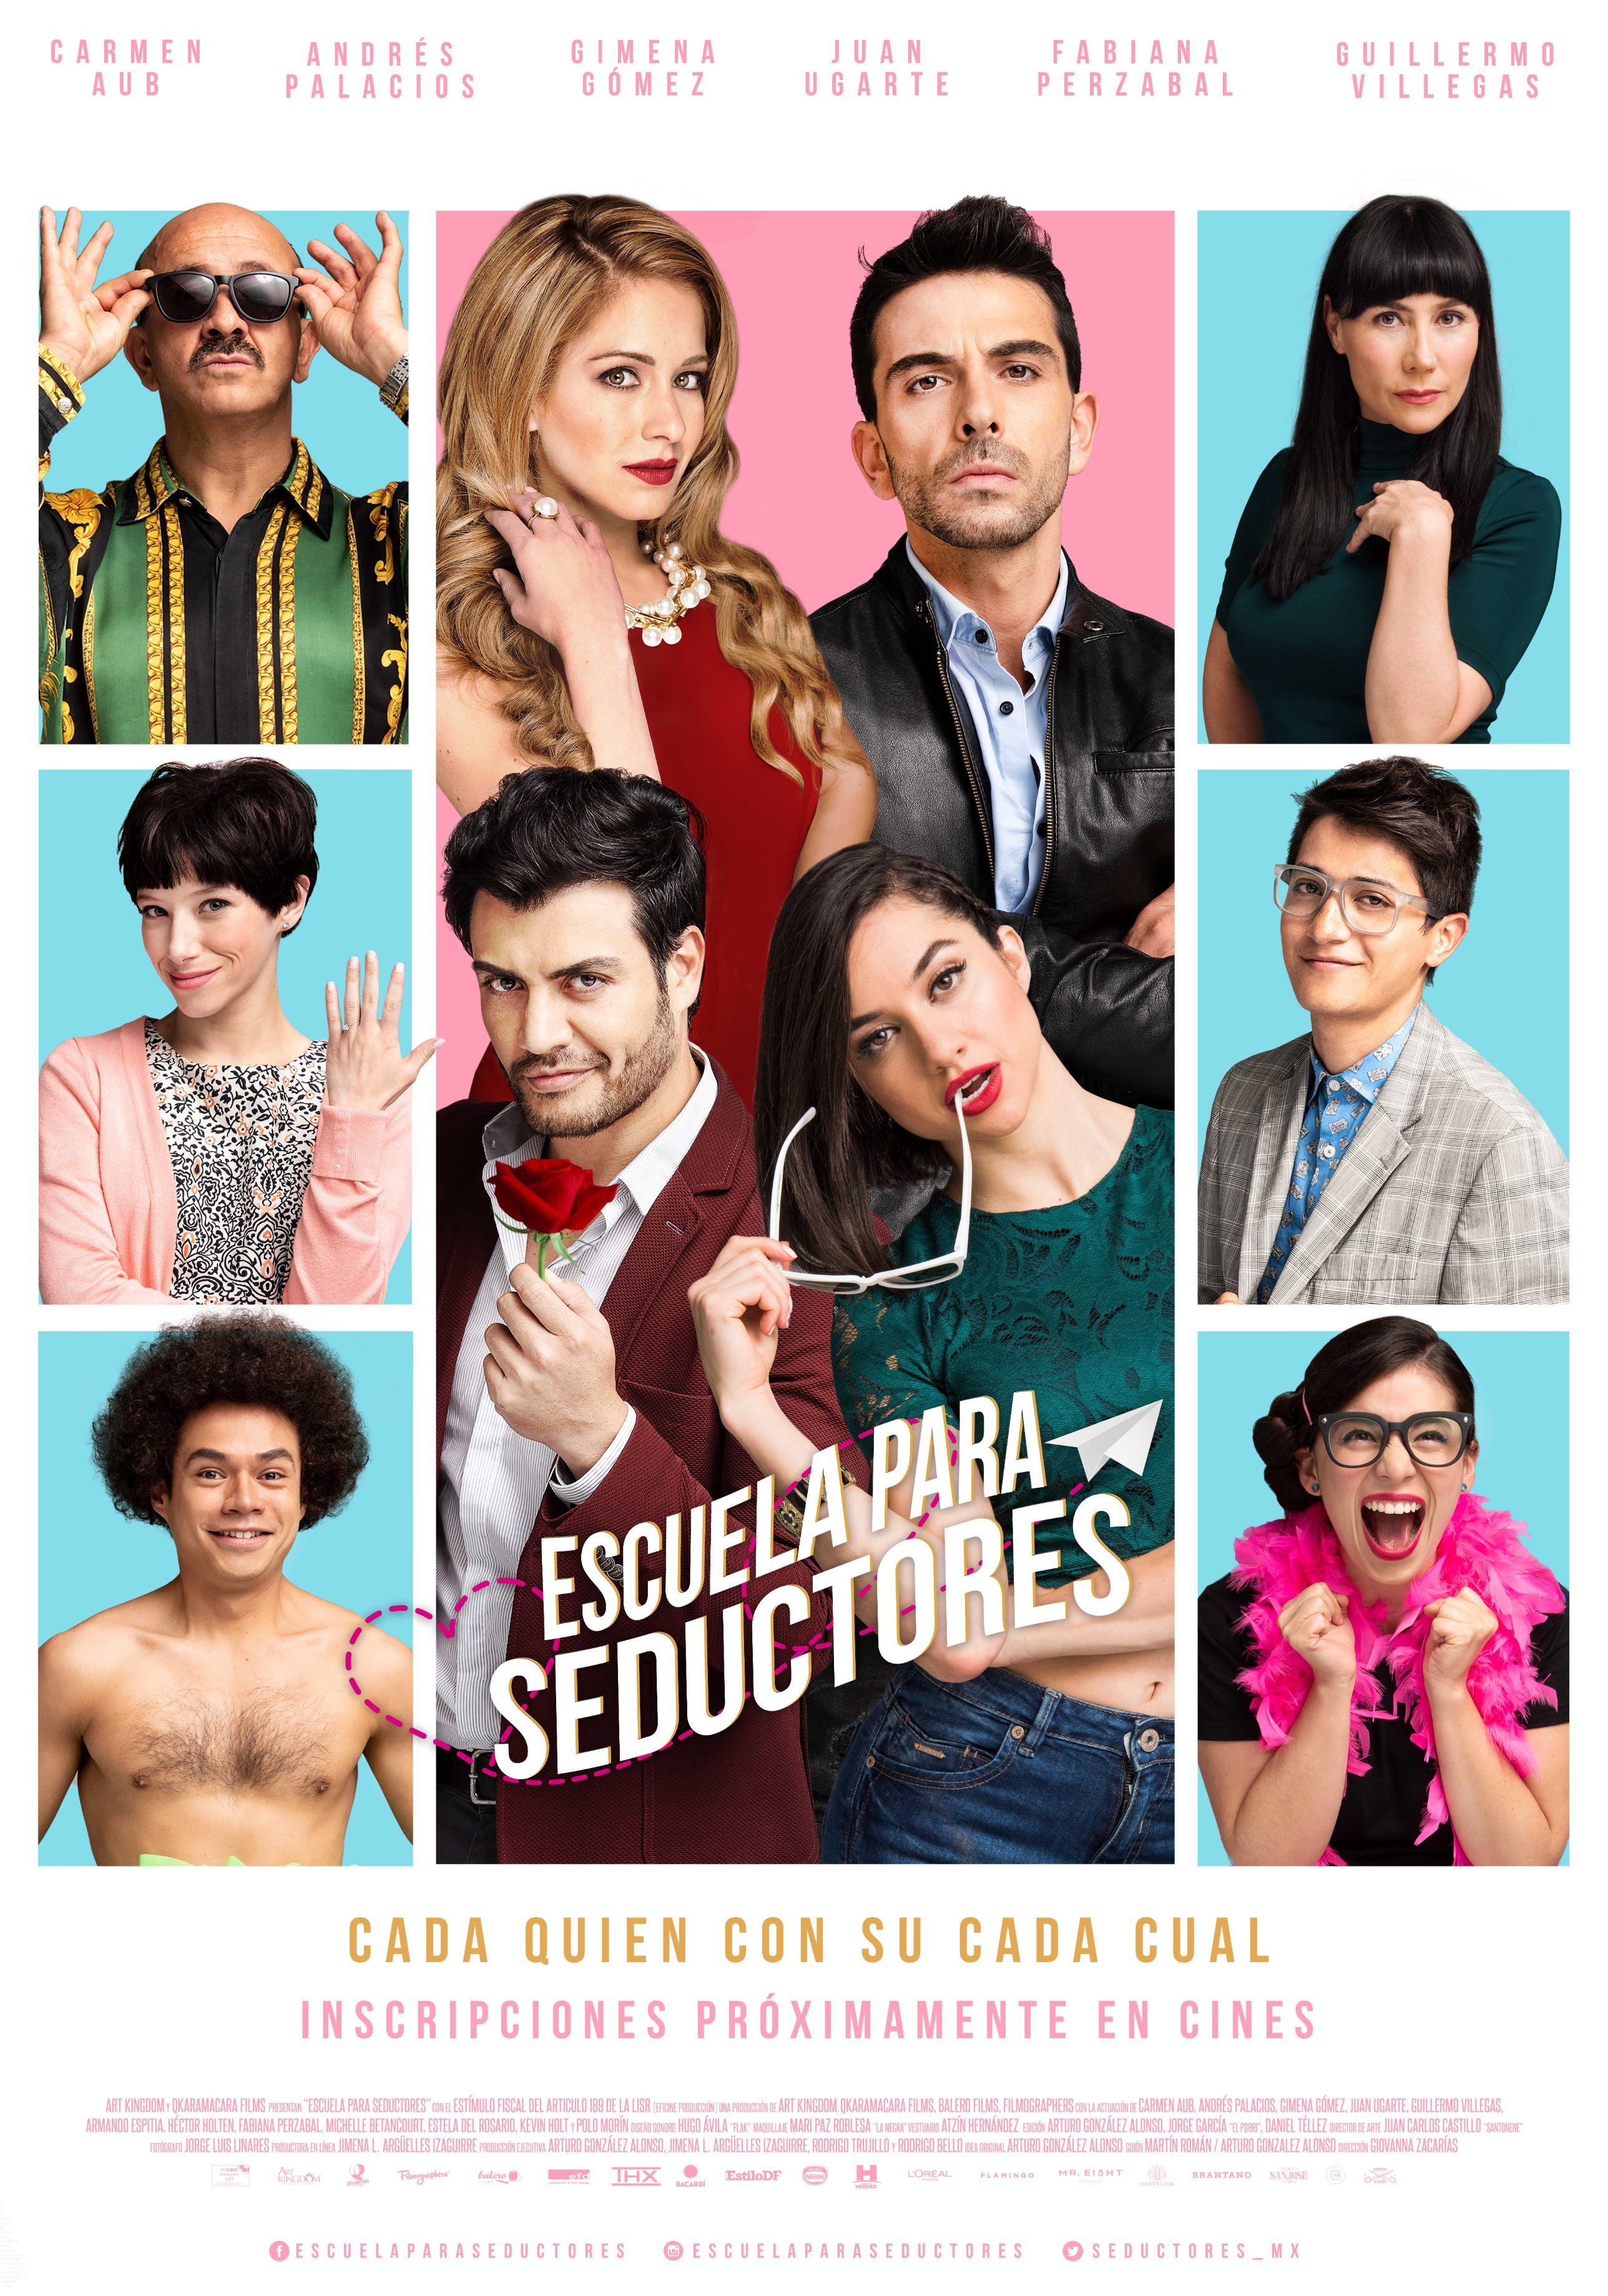 Escuela para seductores - SensaCine.com.mx